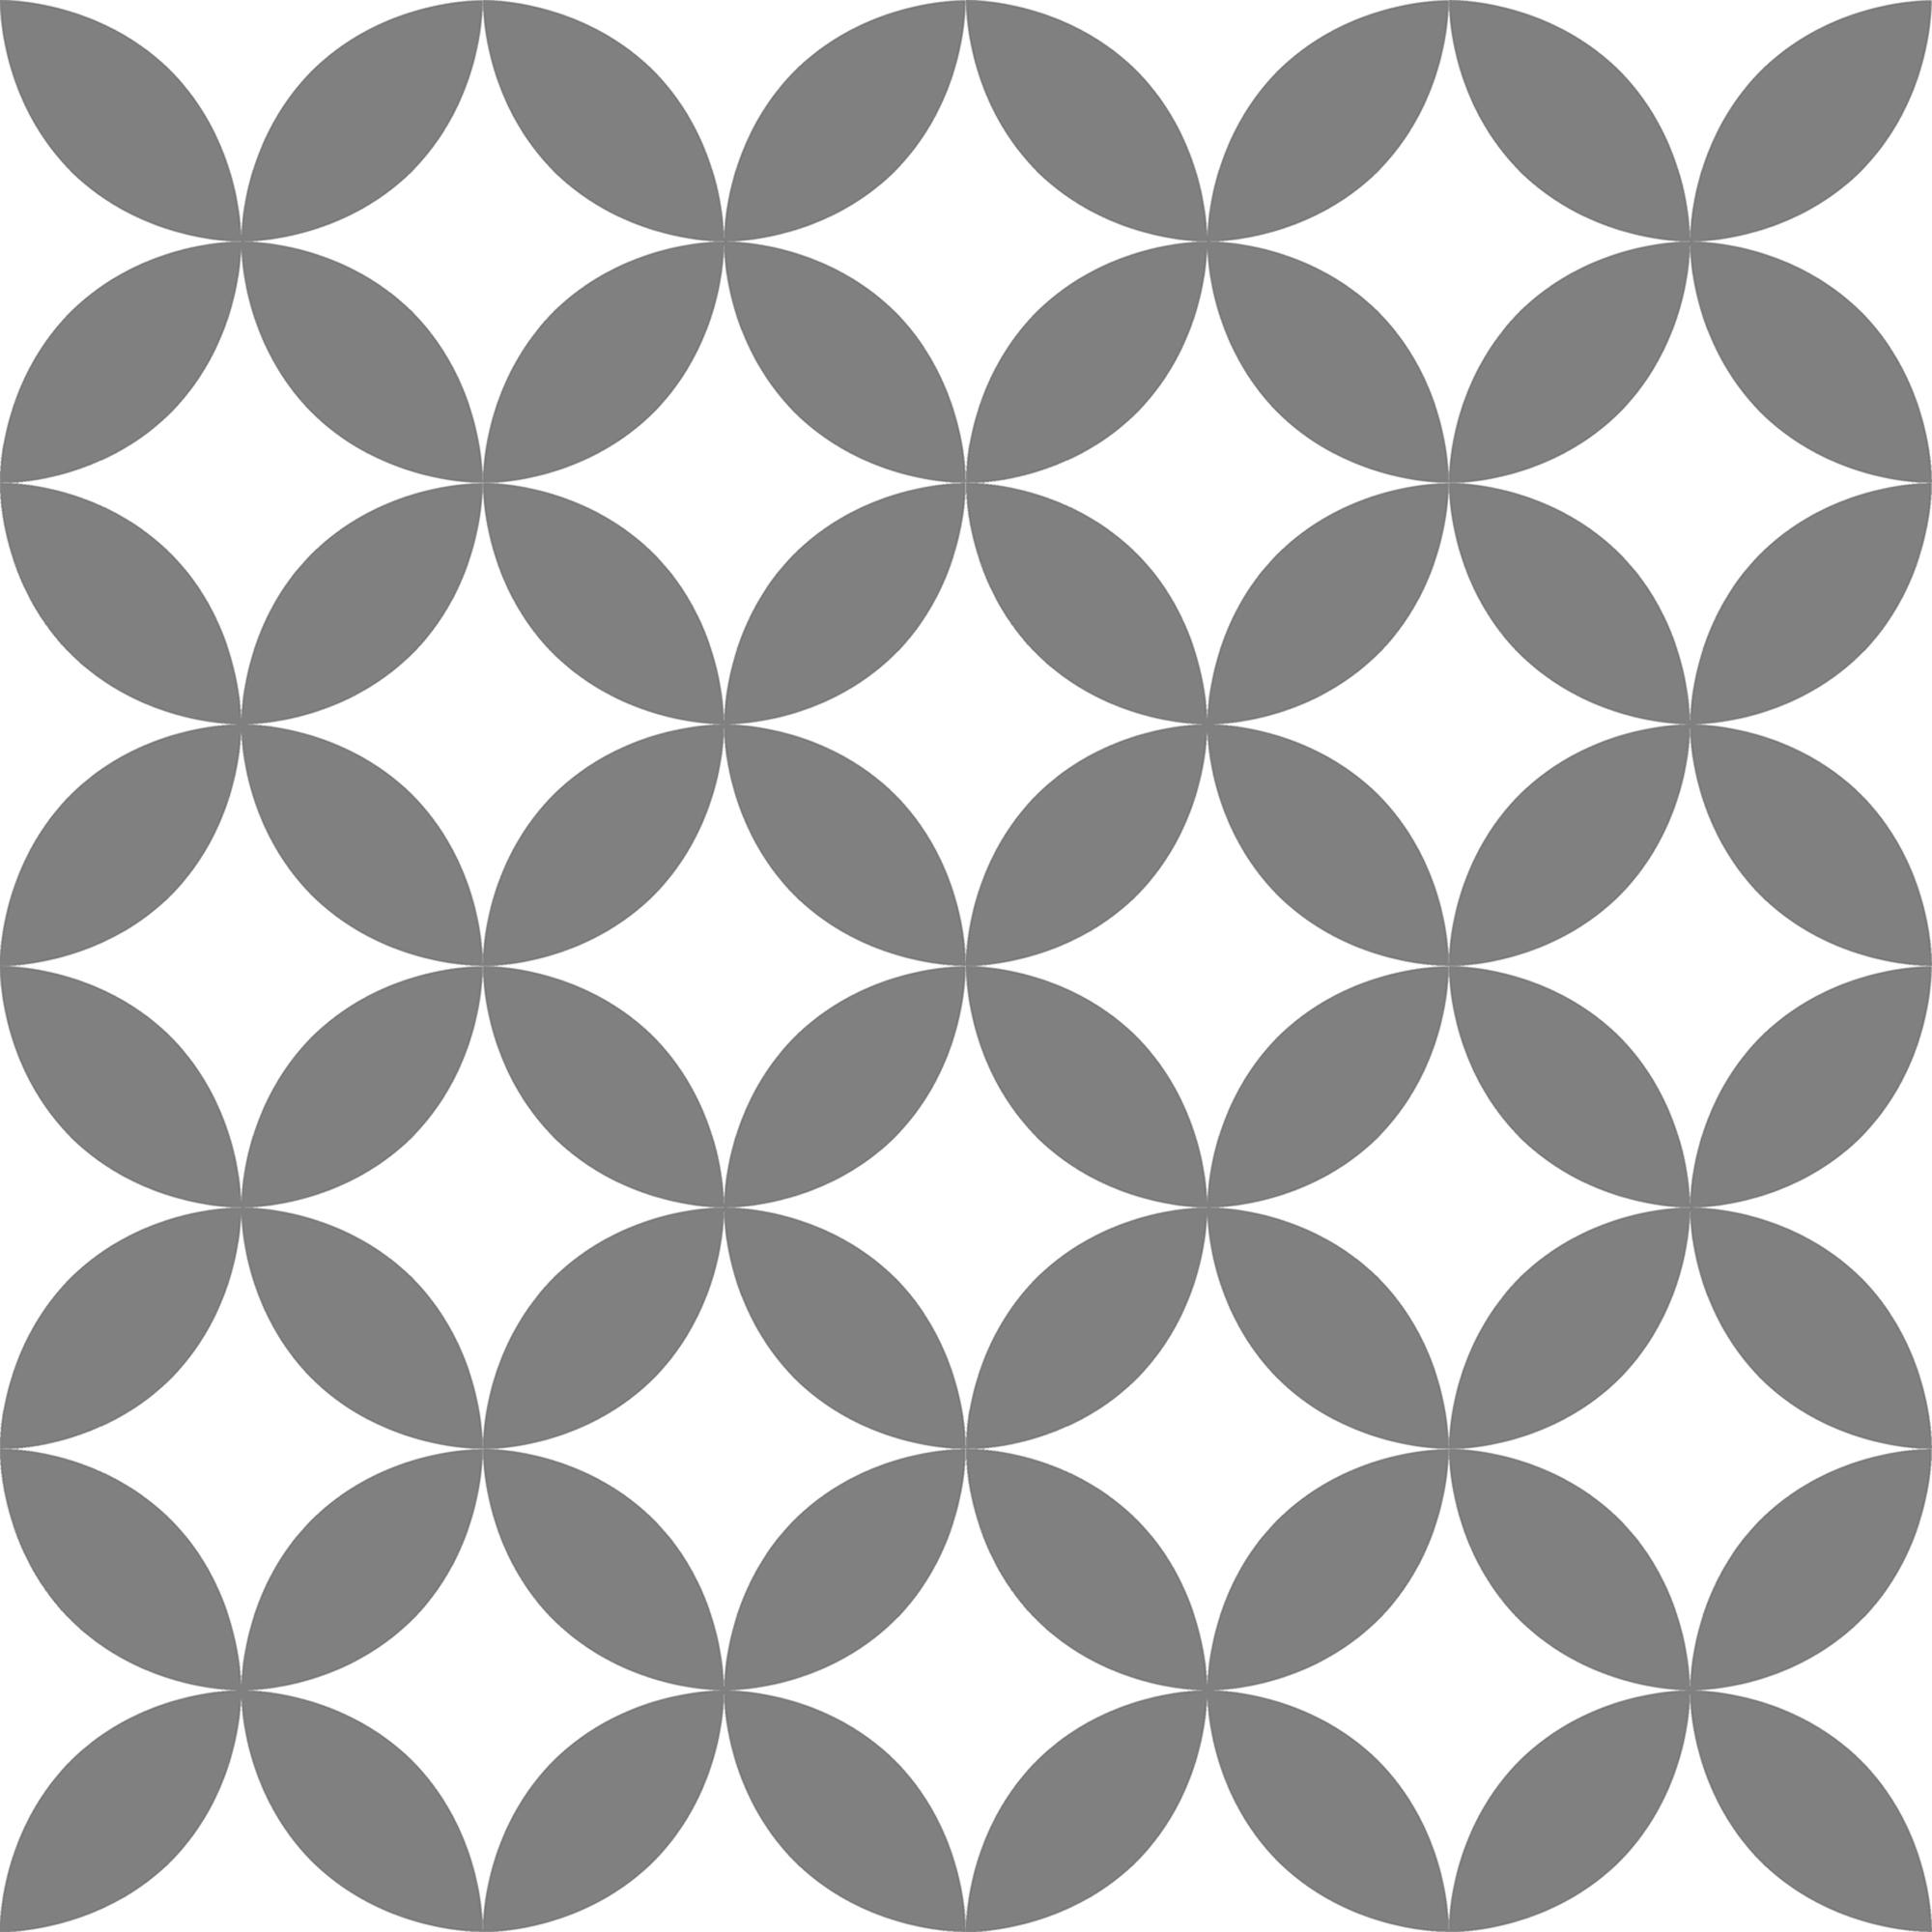 K94854900001VTE0, Retromix, Harmaa, lattia,pakkasenkesto,uimahalli